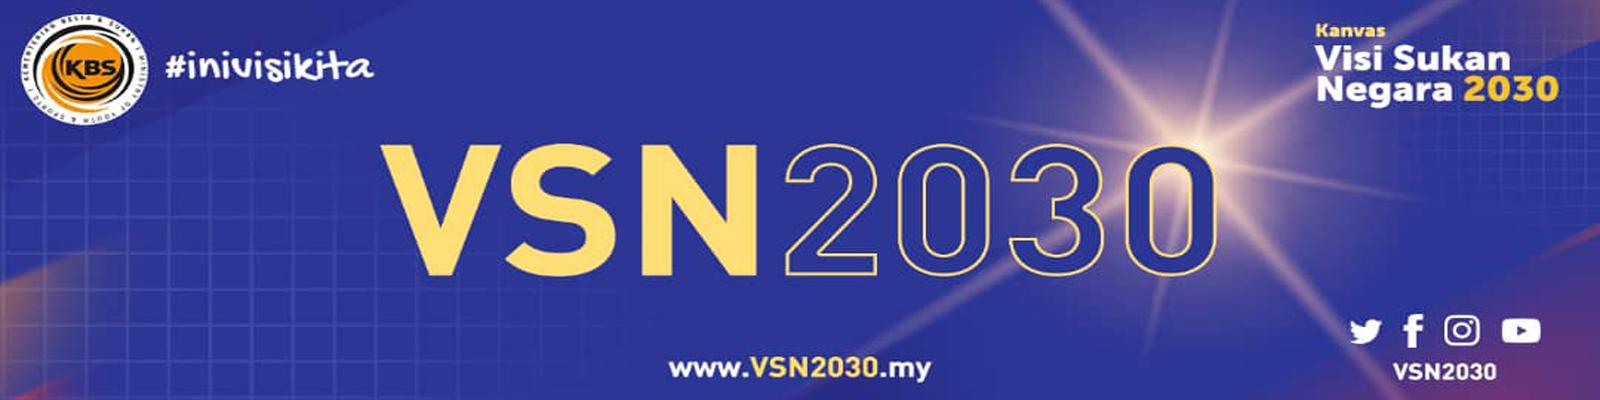 vsn2030.png